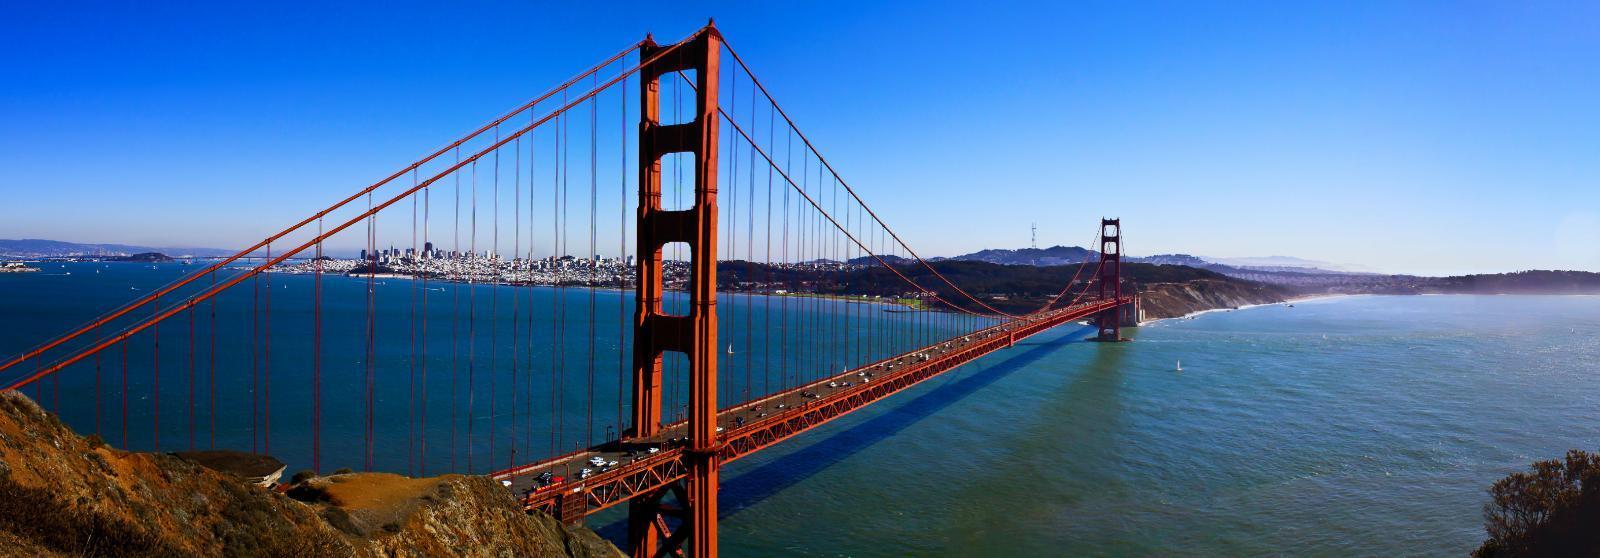 加州海岸一号公路自驾之旅 www.lhw.cn